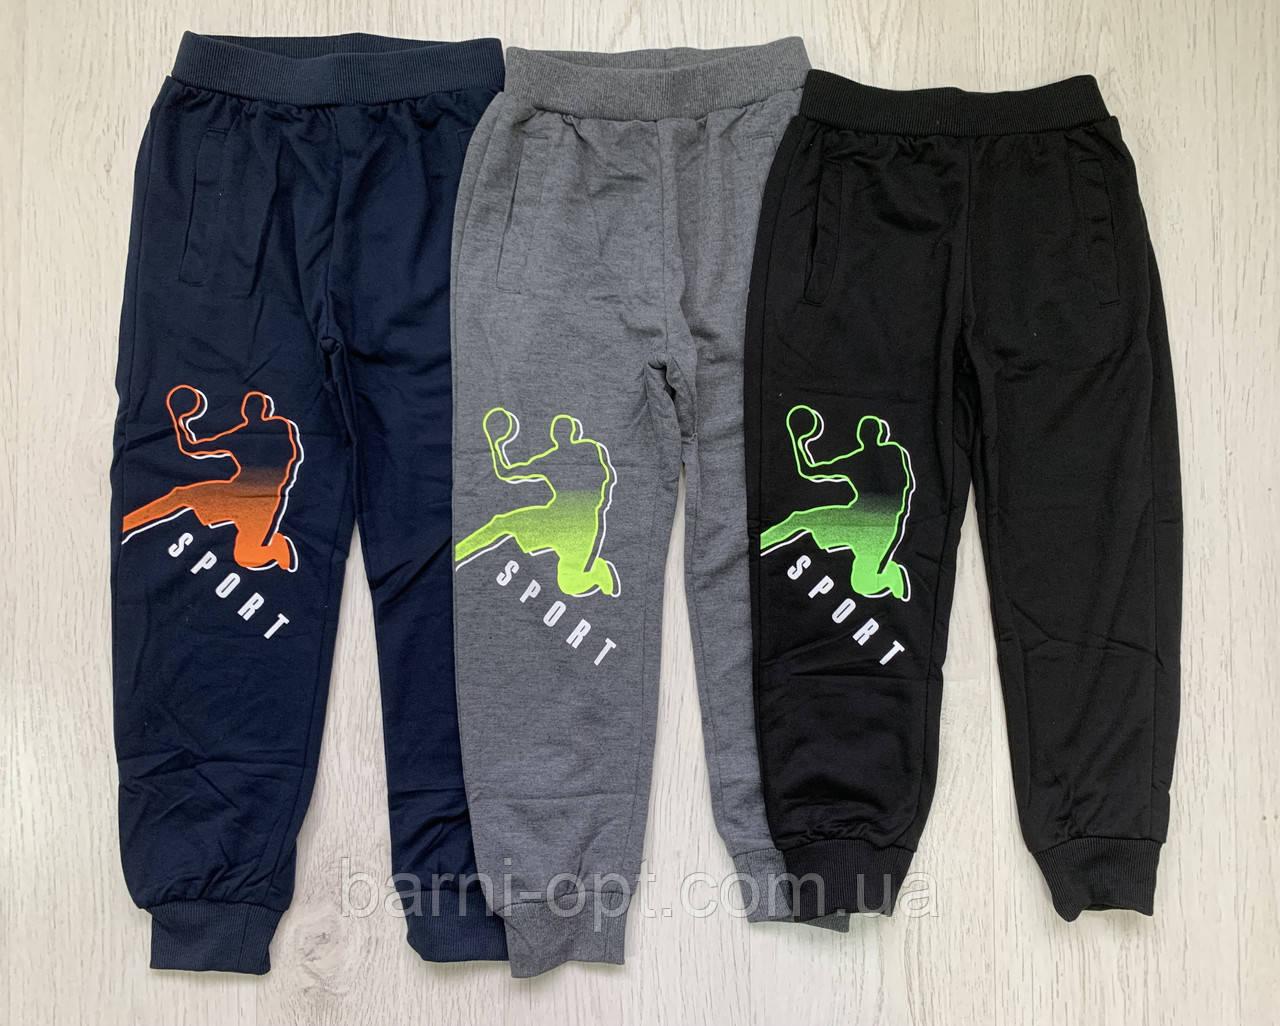 Спортивные брюки на мальчиков оптом, Taurus, 98-128 рр